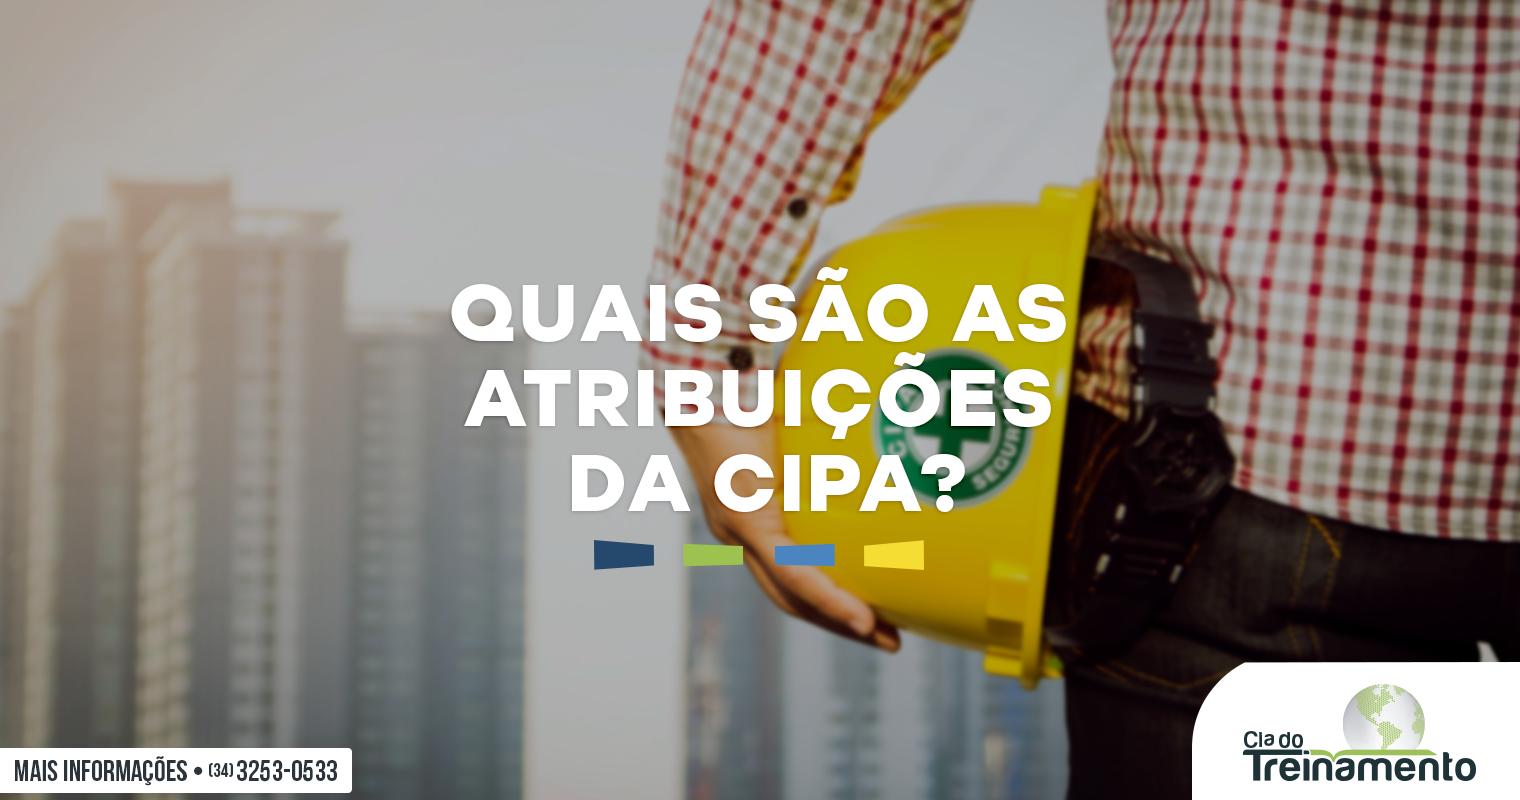 Quais são as atribuições da CIPA?